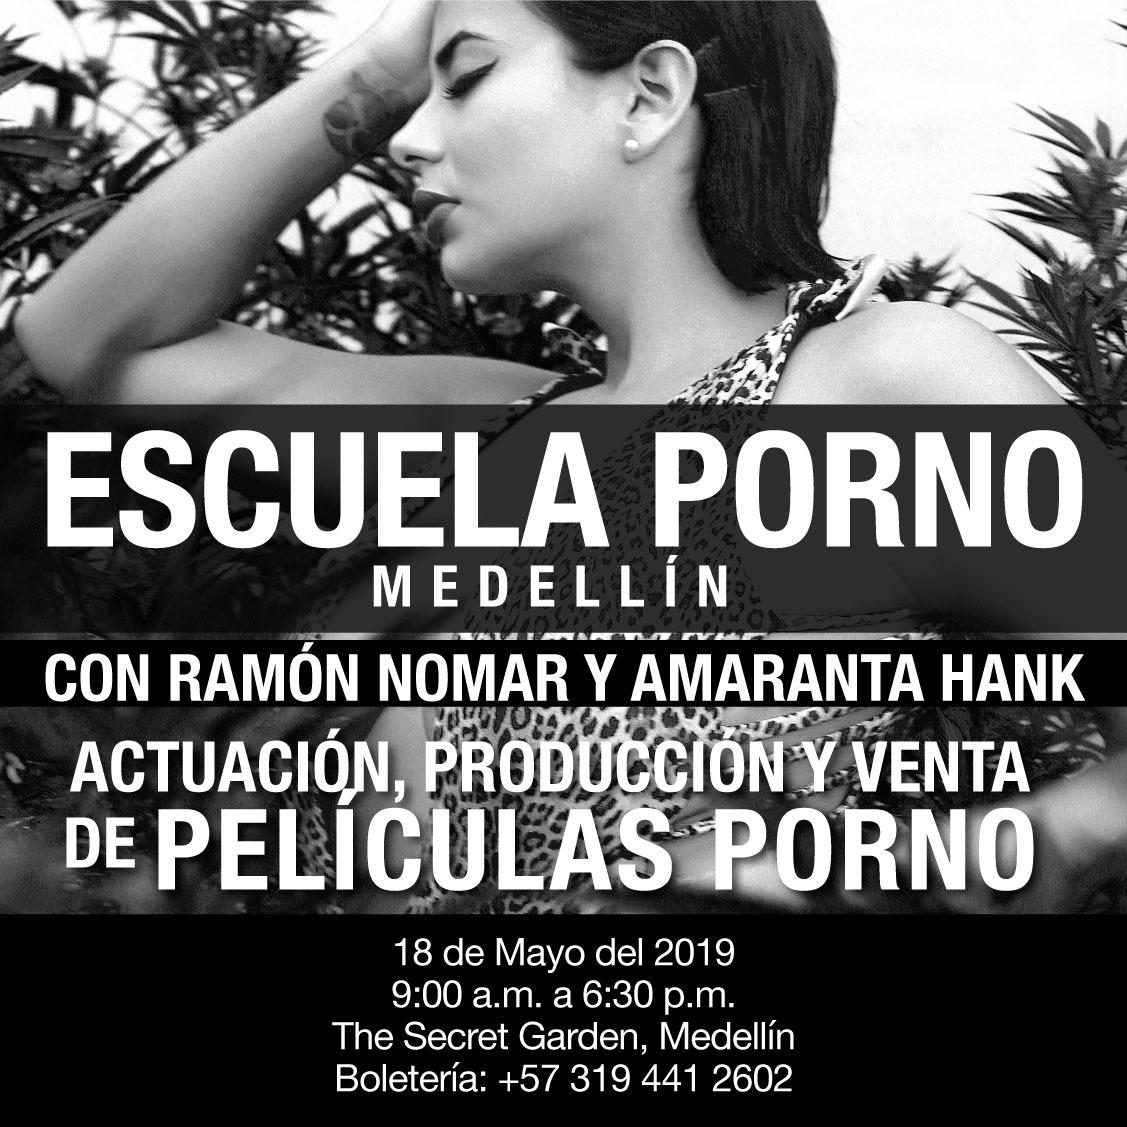 Actriz Secretos Del Cine Porno actriz de cine para adultos abre la primera escuela porno en